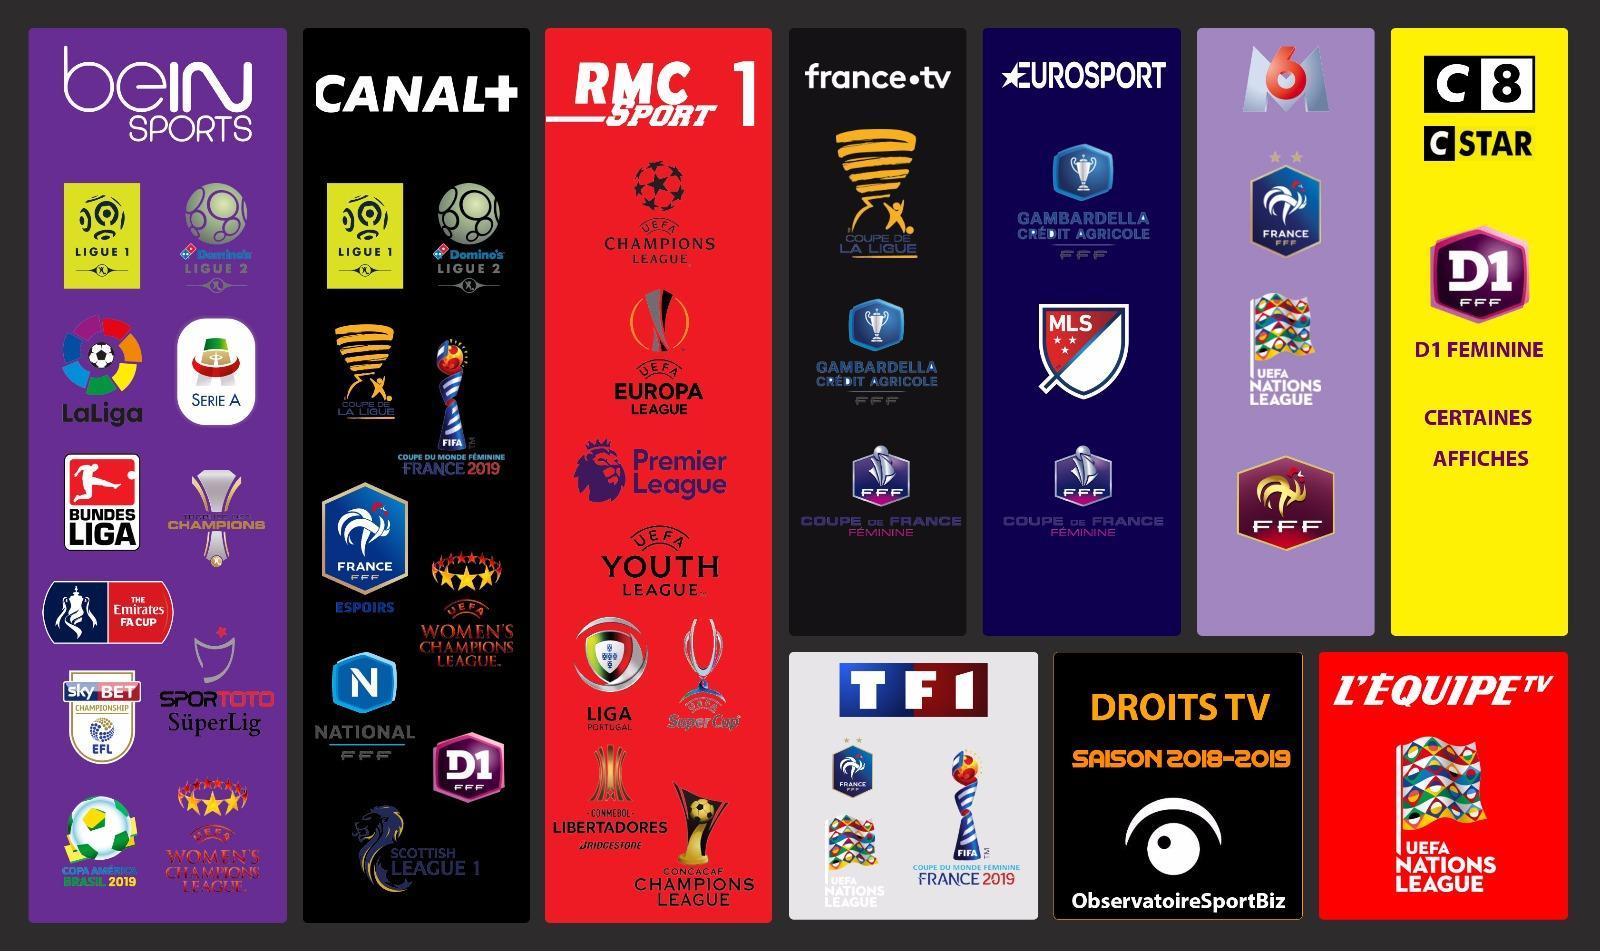 Droits TV selon abonnement TV sport